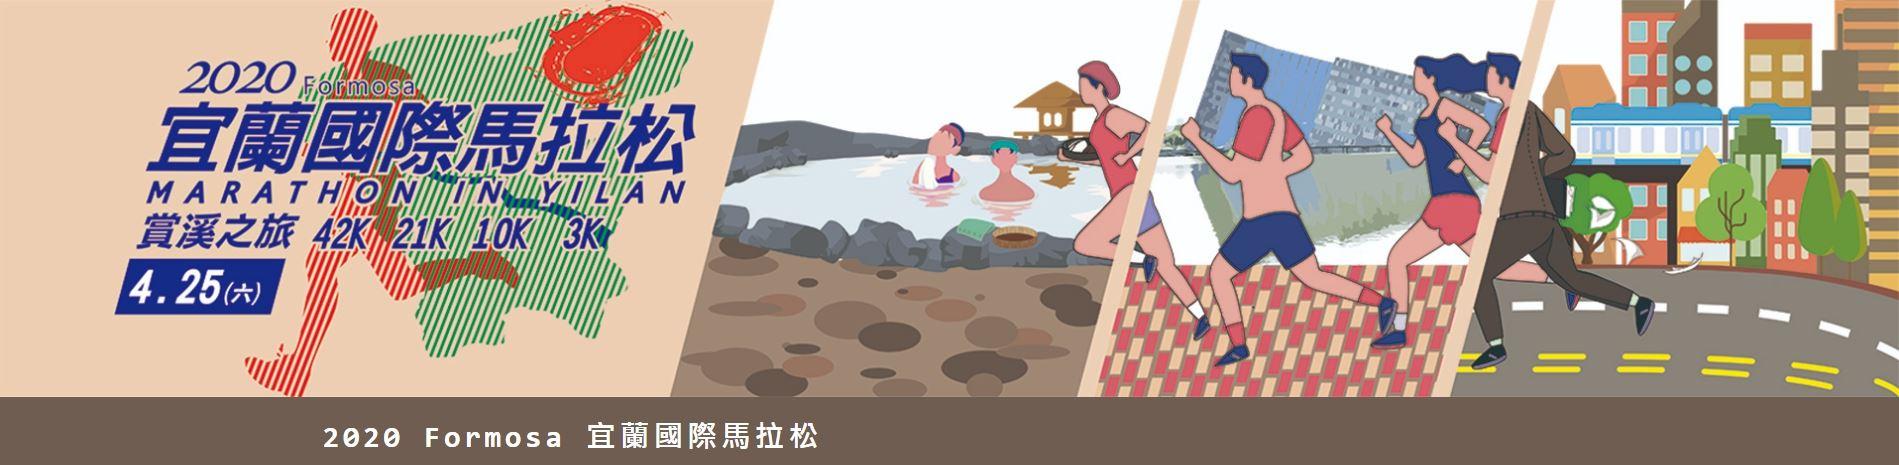 2020 Formosa宜蘭國際馬拉松海報